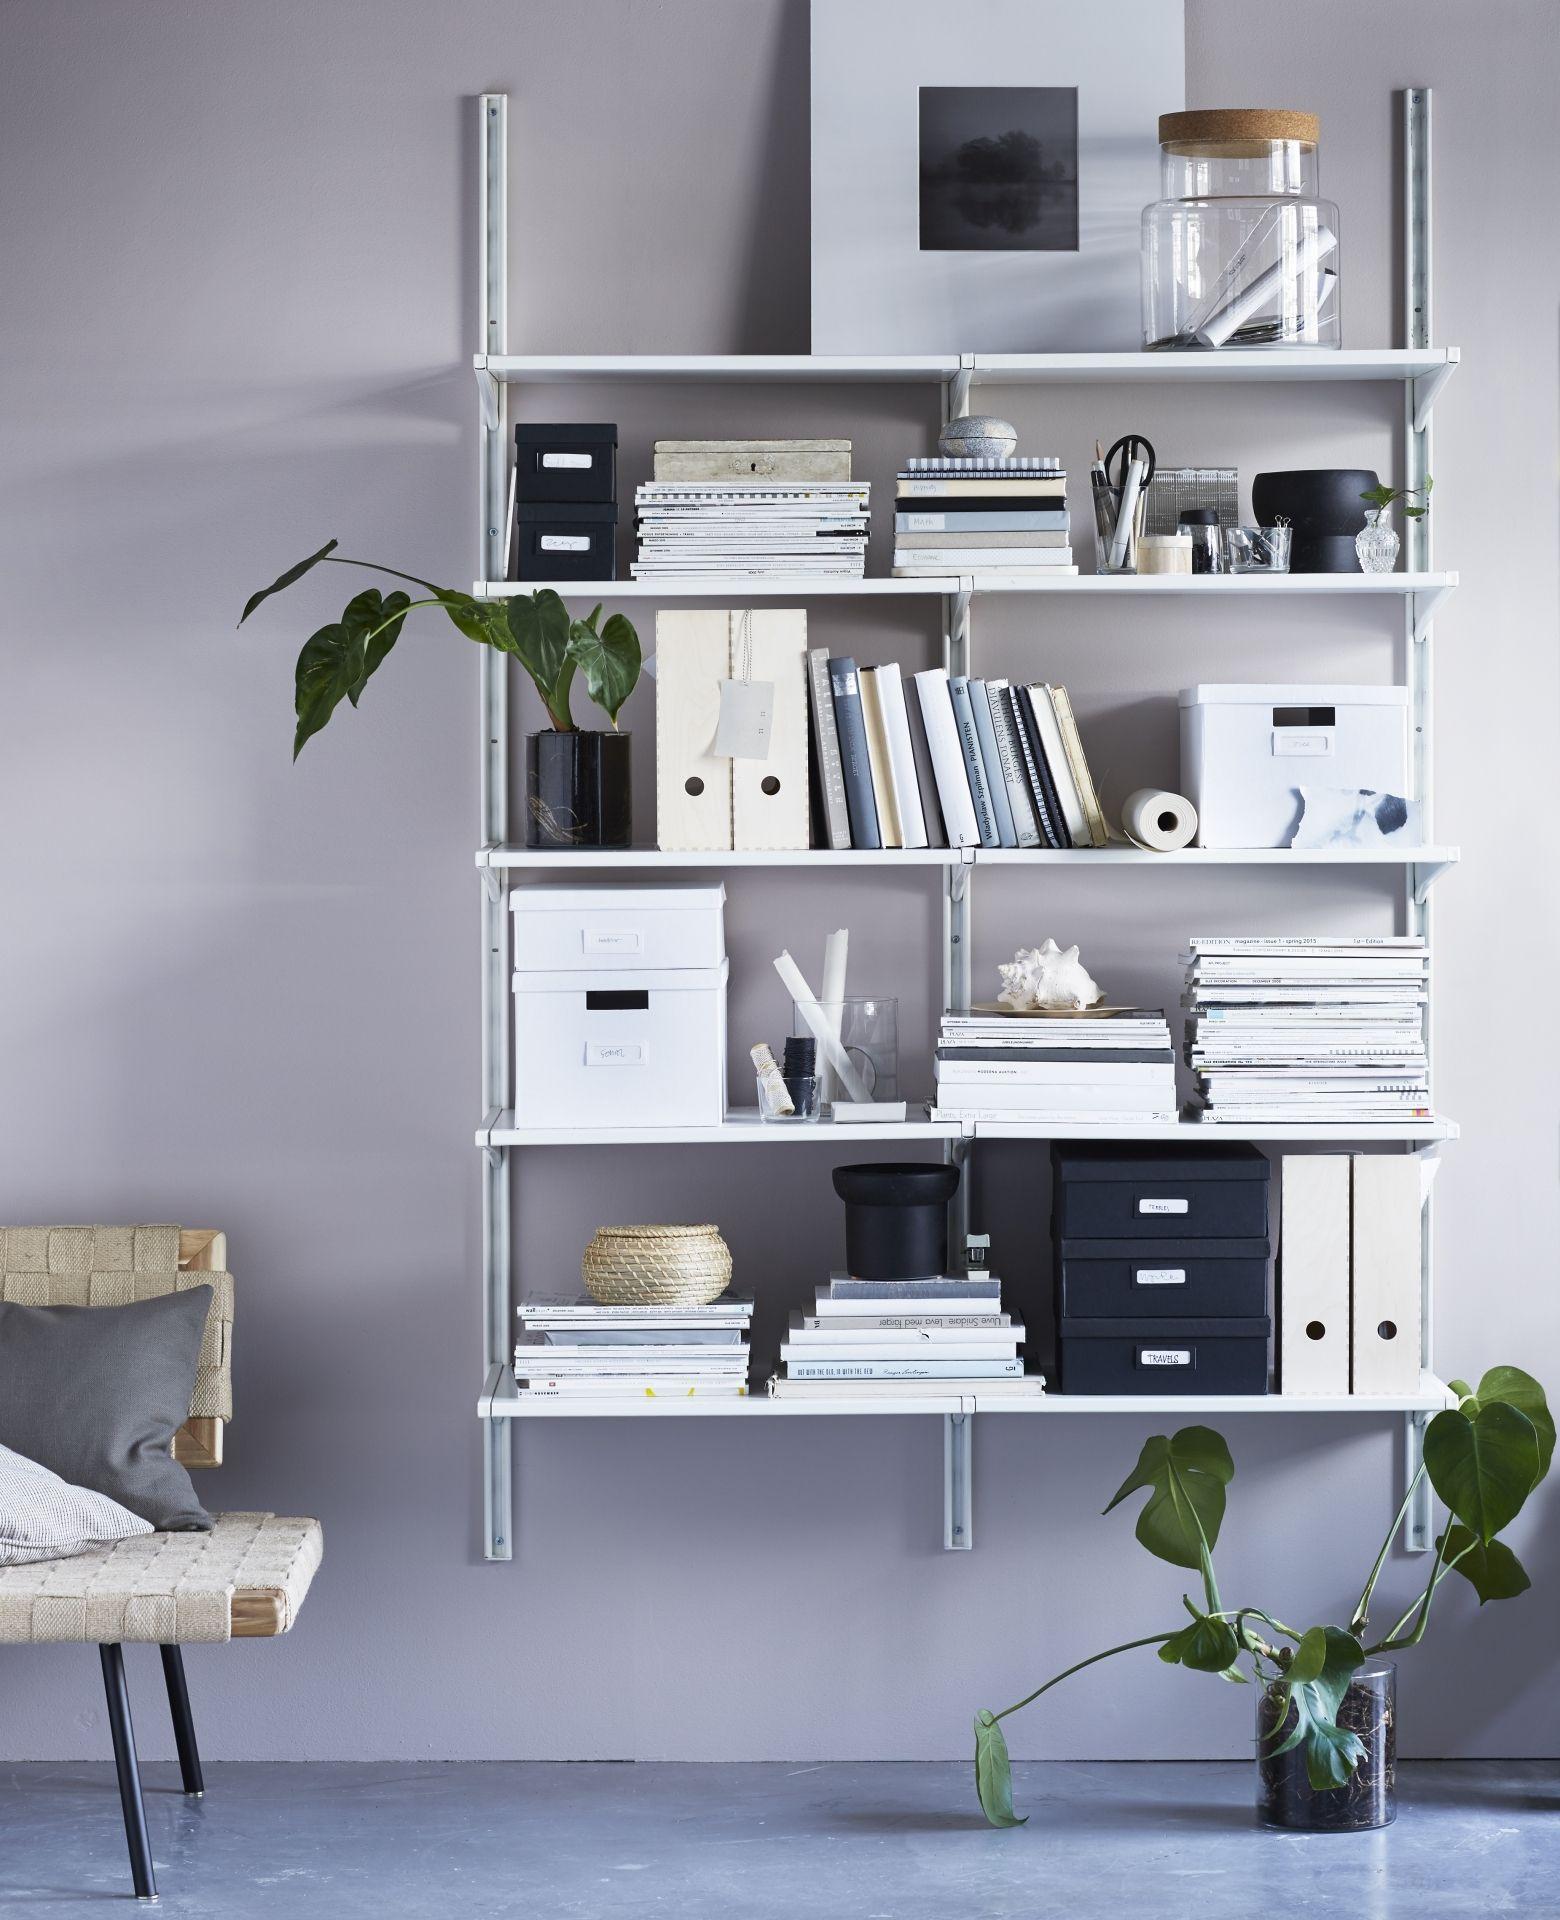 Full Size of Ikea Wohnzimmerschrnke Weiss Hartmann Massivholzmbel Modulküche Miniküche Betten Bei Küche Kosten 160x200 Kaufen Sofa Mit Schlaffunktion Wohnzimmer Wohnzimmerschränke Ikea